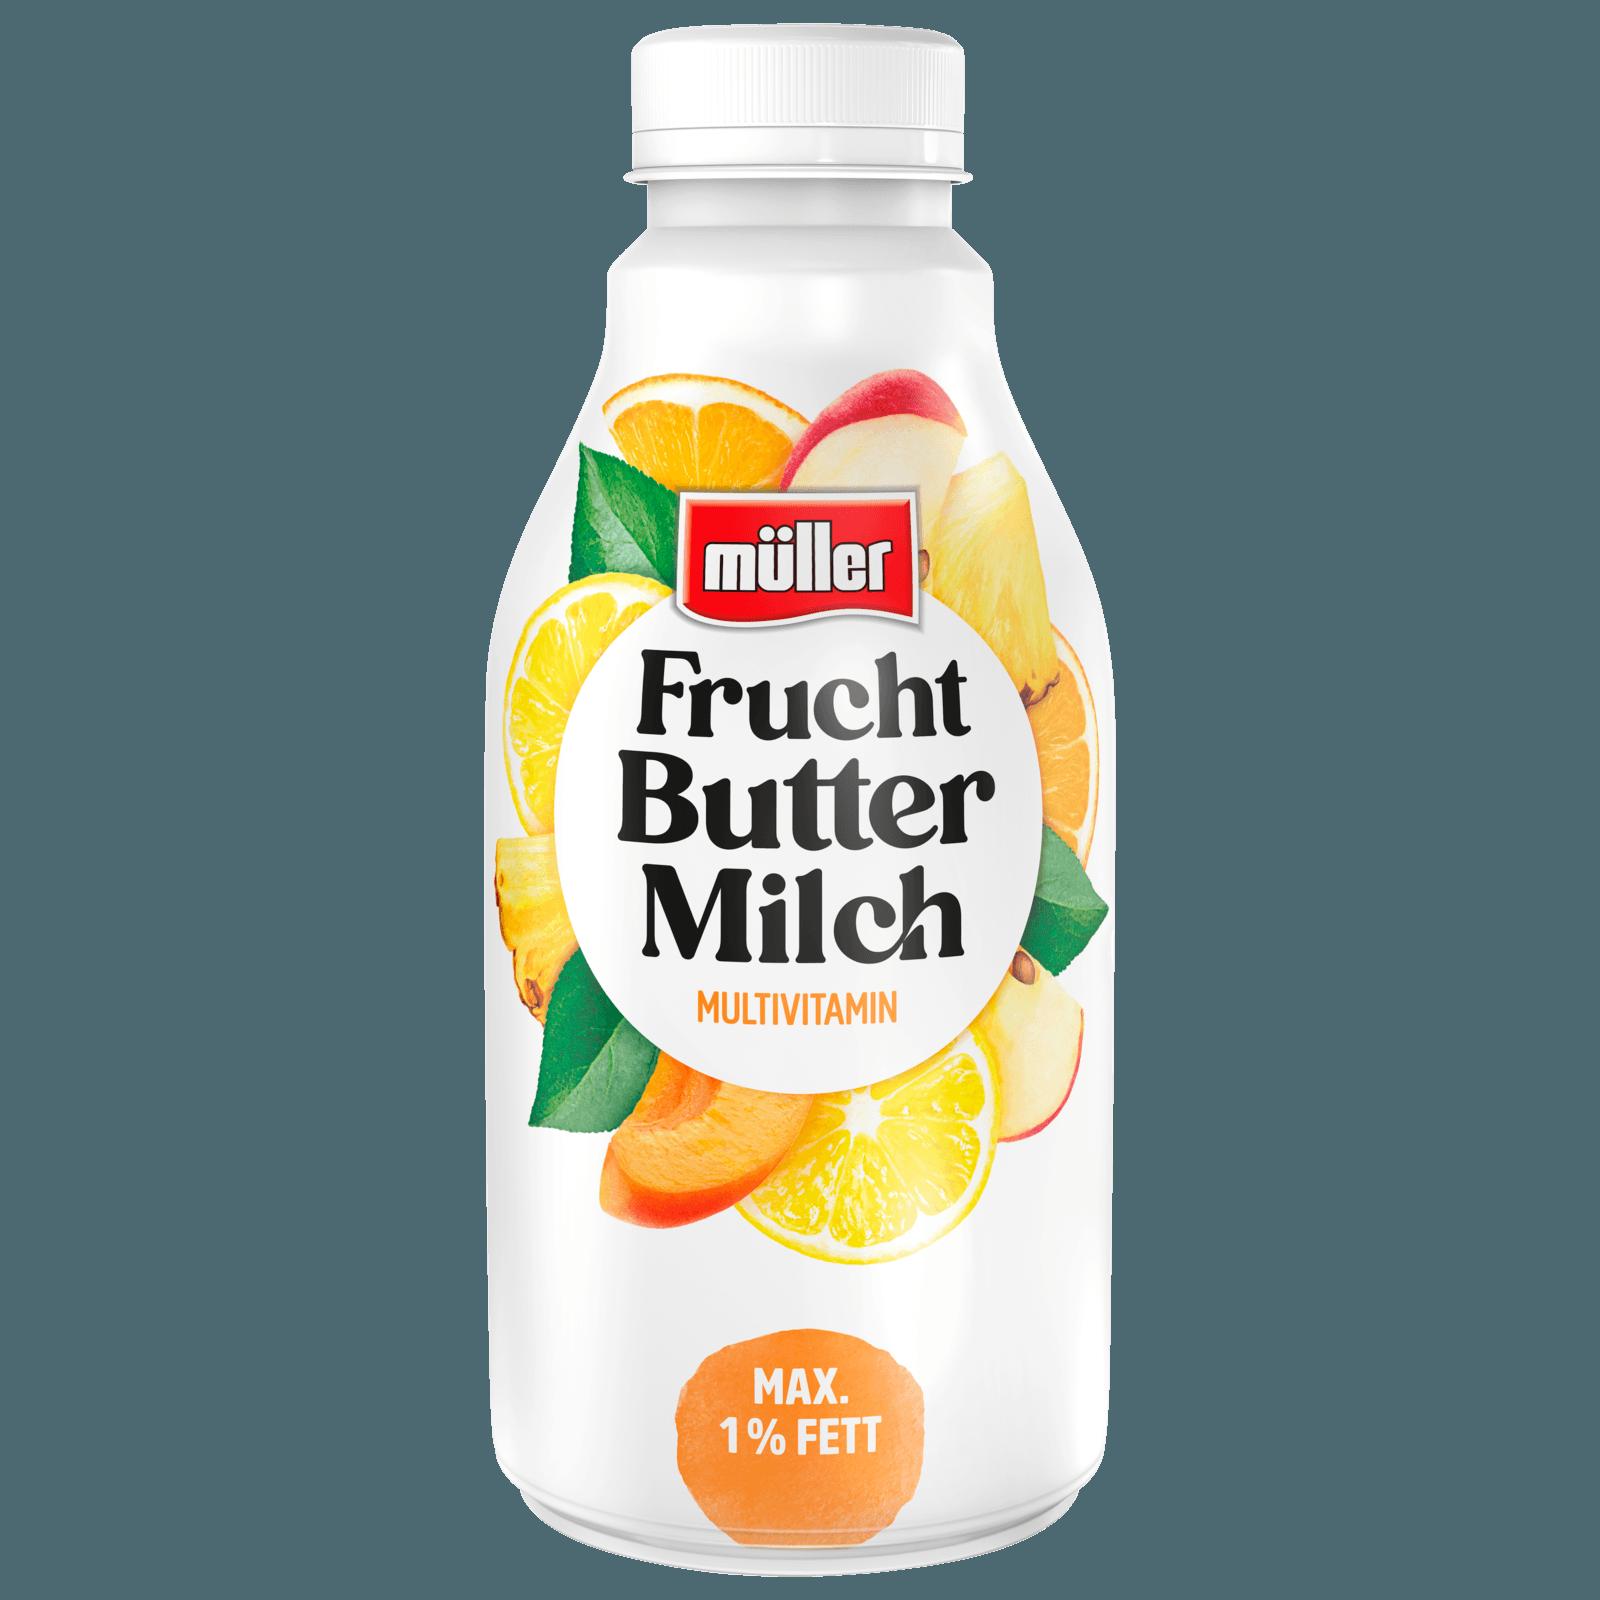 Müller Fruchtbuttermilch Multivitamin 500g